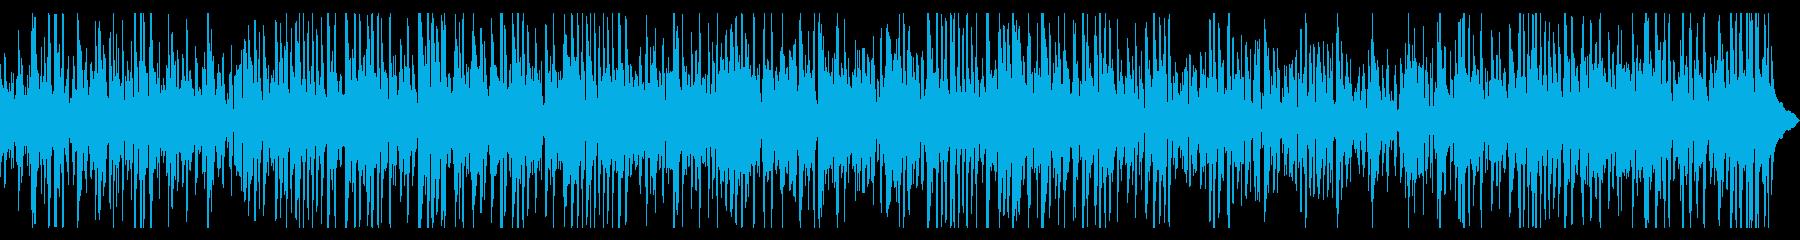 ミディアムなスロウジャズバンドの再生済みの波形